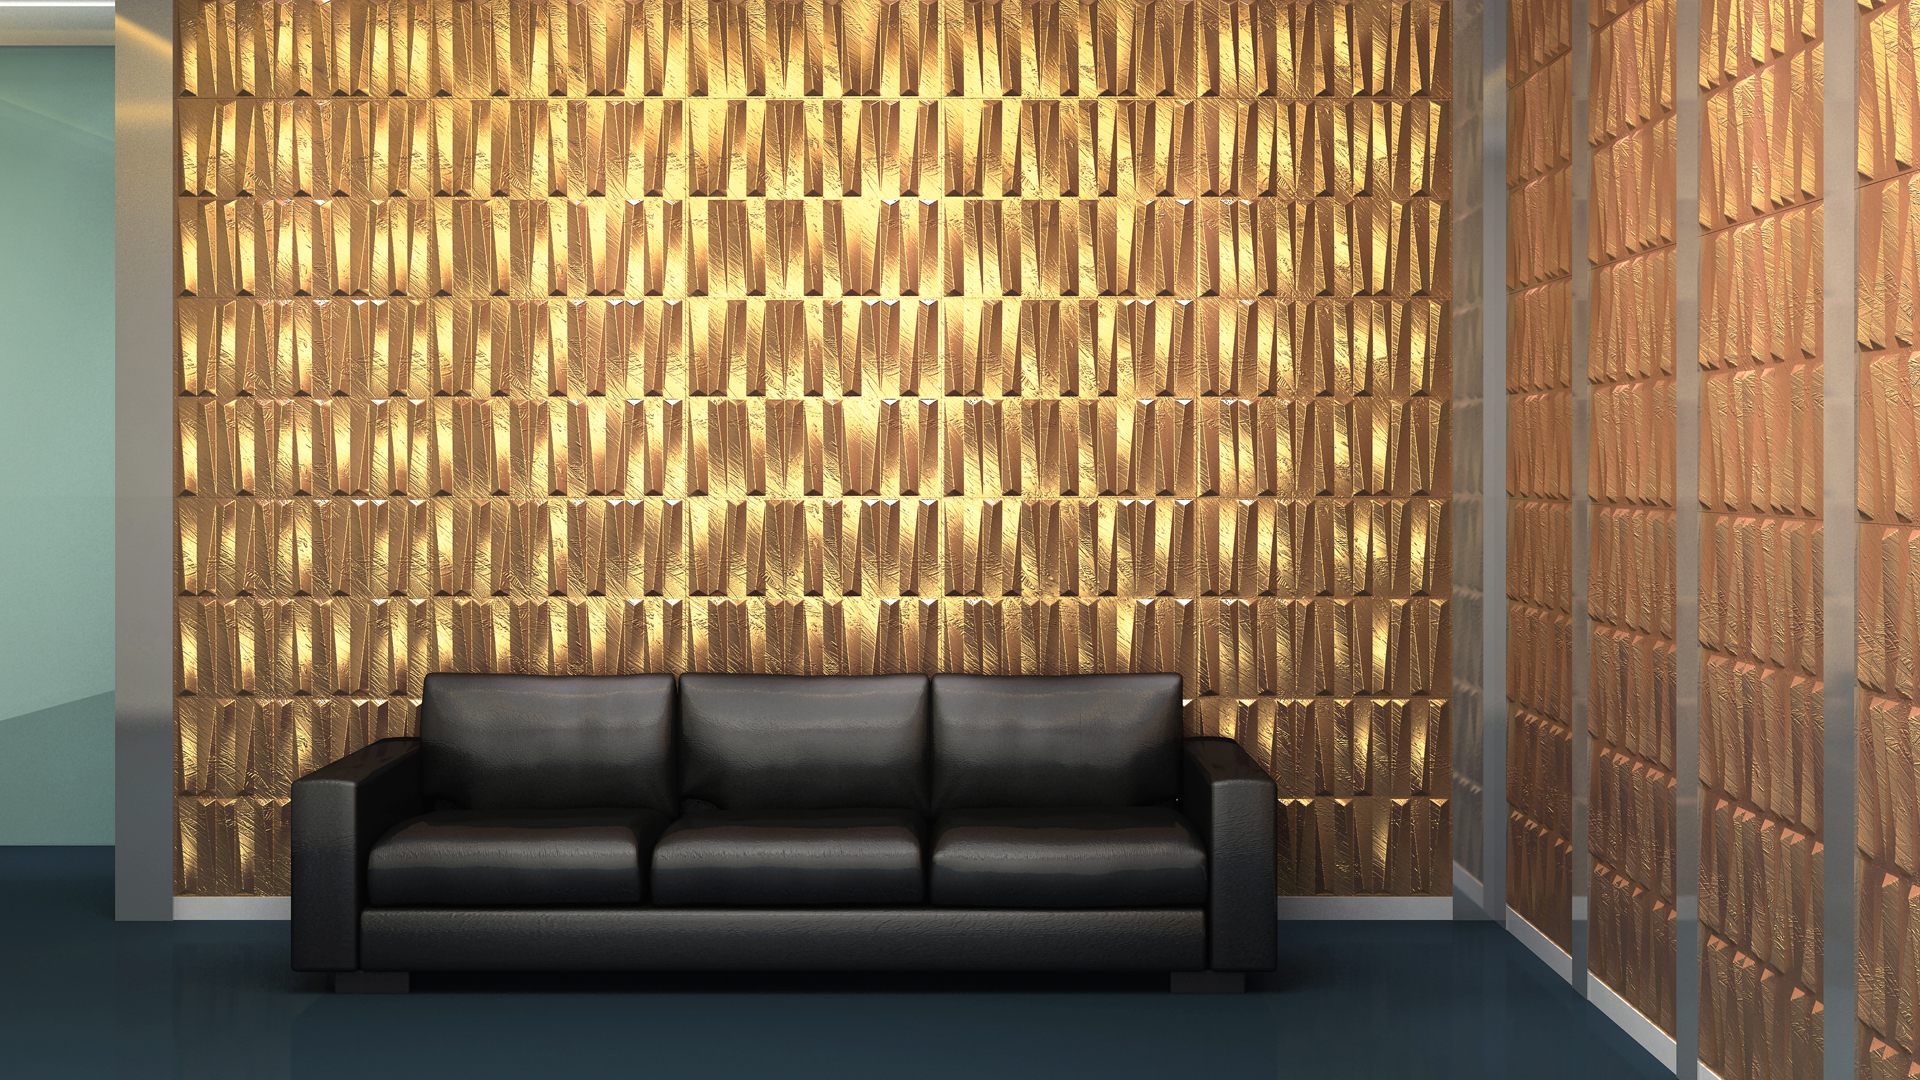 3D Wandpaneele - Produkte - Glass - Deckenpaneele - 3D Tapeten - Wandverkleidung